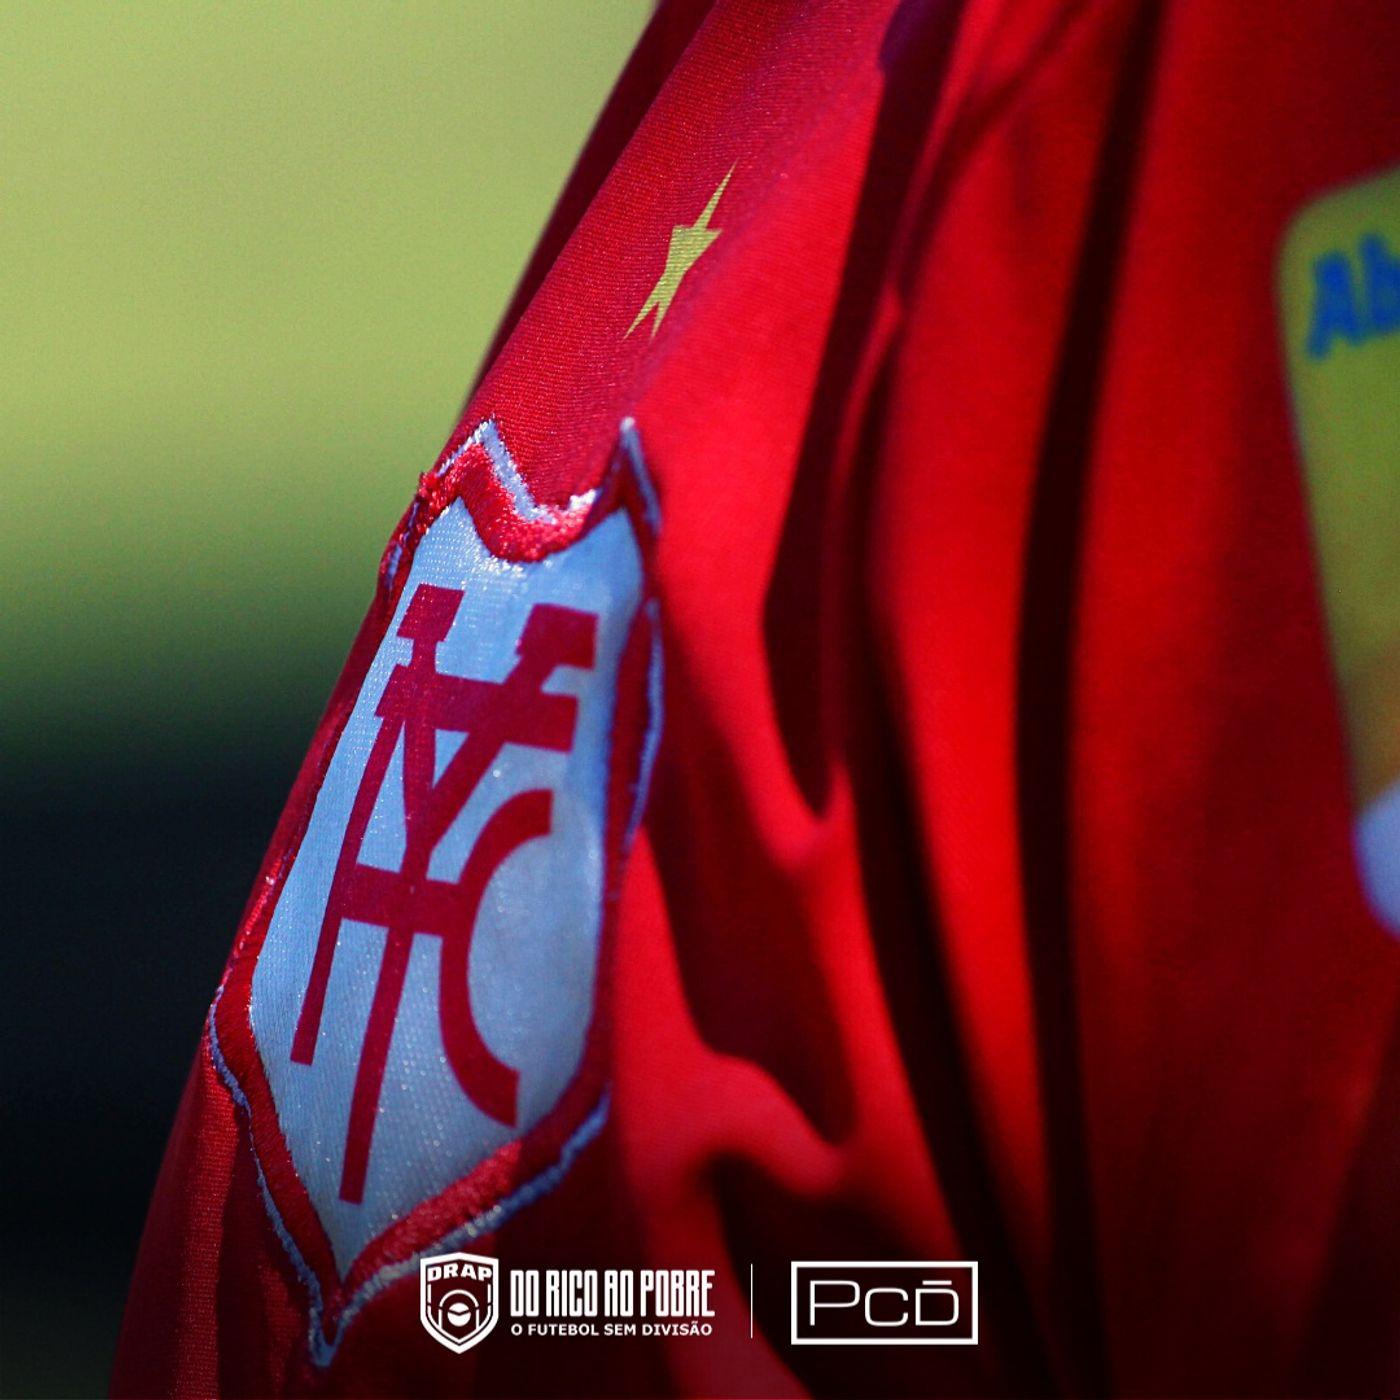 #009 - O centenário do Ypiranga Futebol Clube